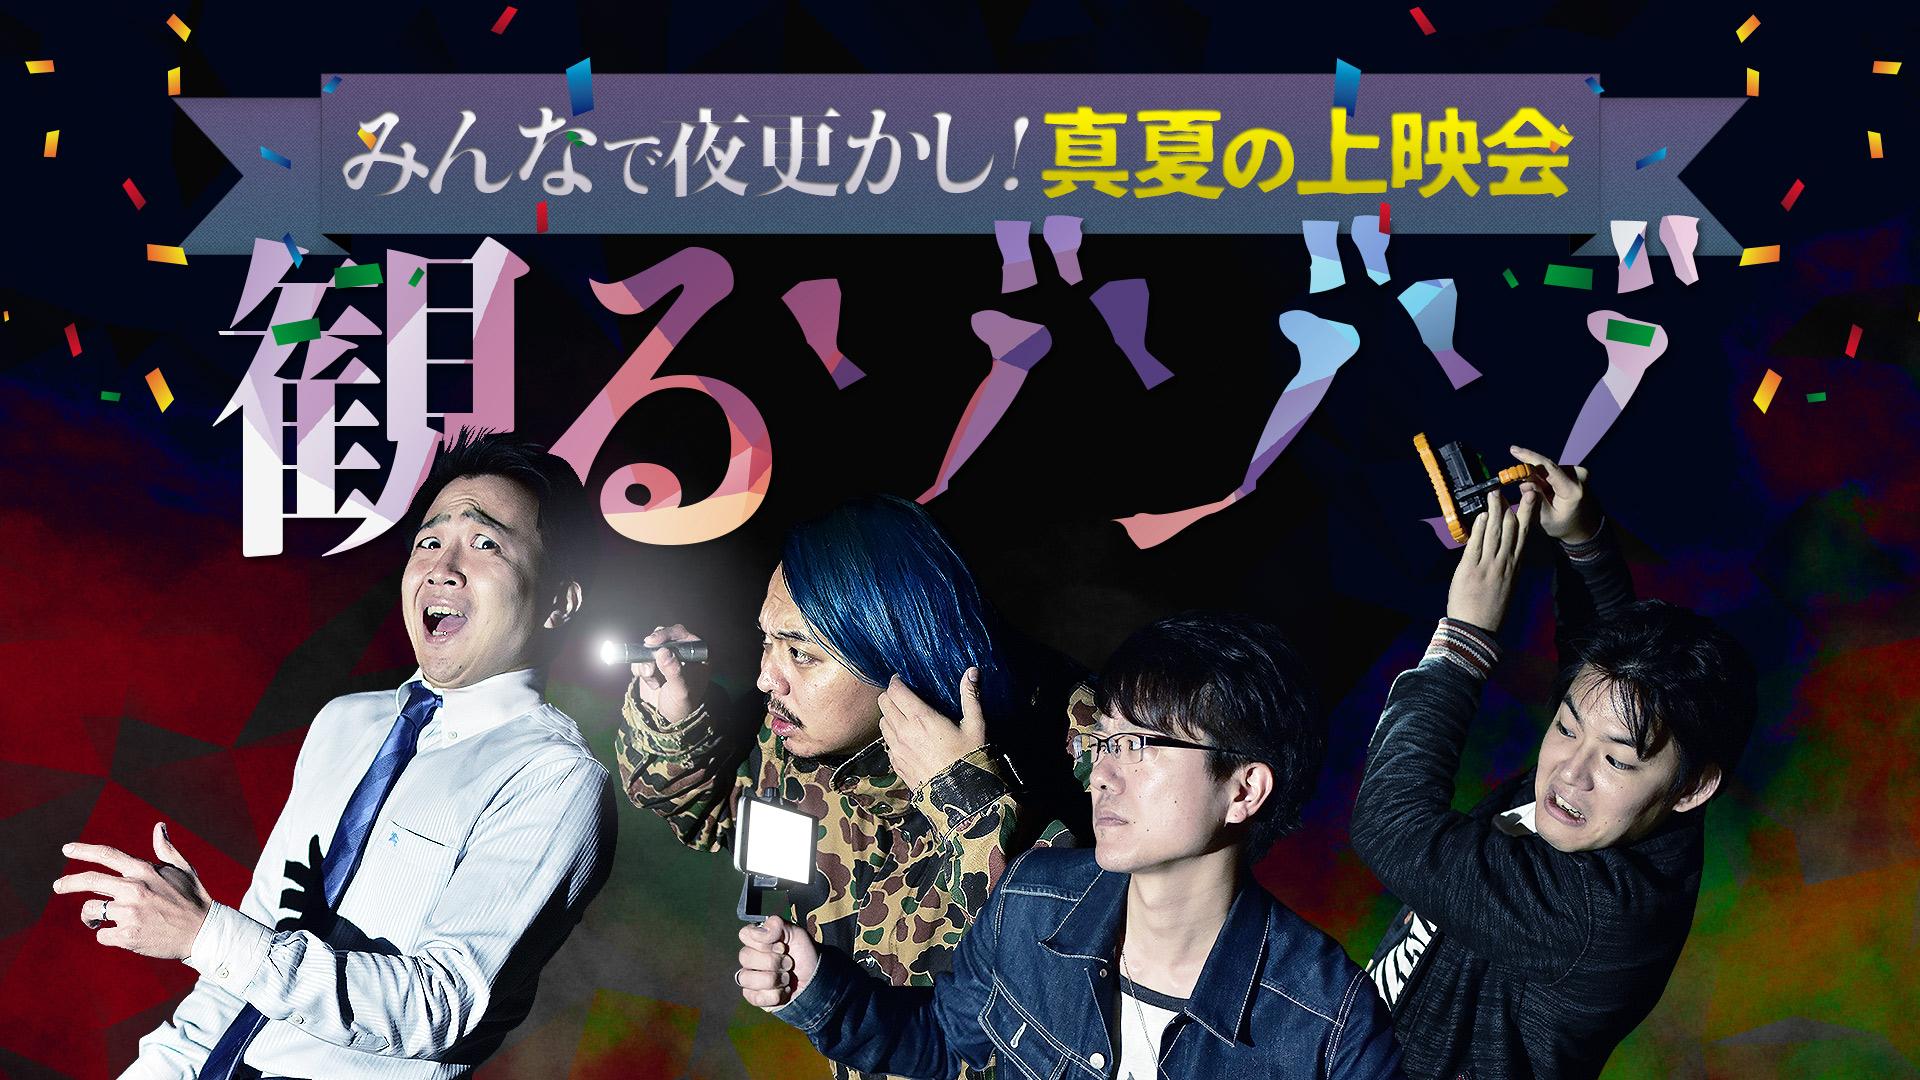 夏だ!みんなで夜更かしだ!ゾゾゾ真夏の上映会が8/22(土)21時よりYouTubeプレミア配信決定!